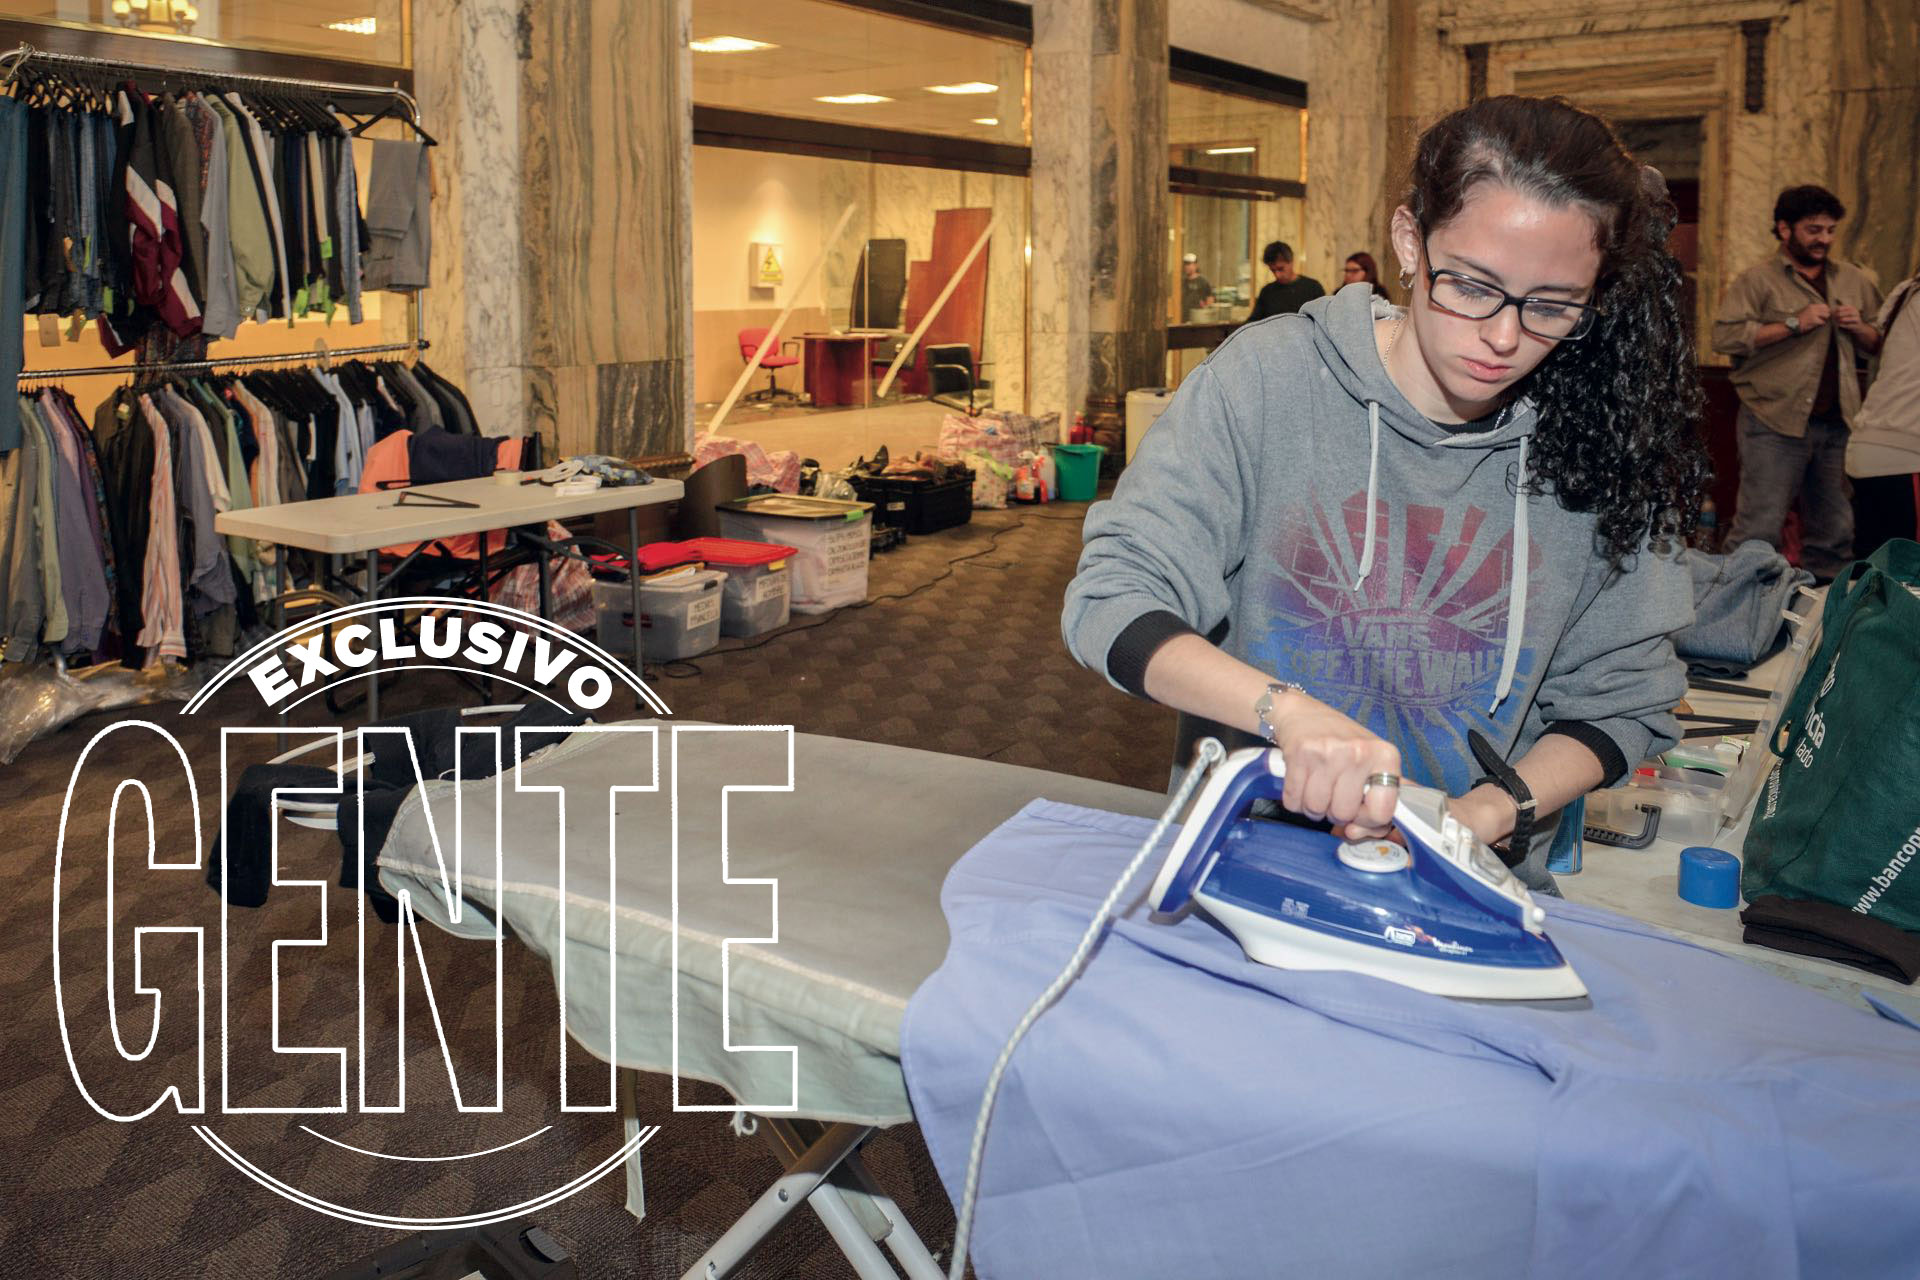 Para los atuendos, el área de vestuario acudió al estilo de ropa y a los colores que se usaba en aquel verano del '06.